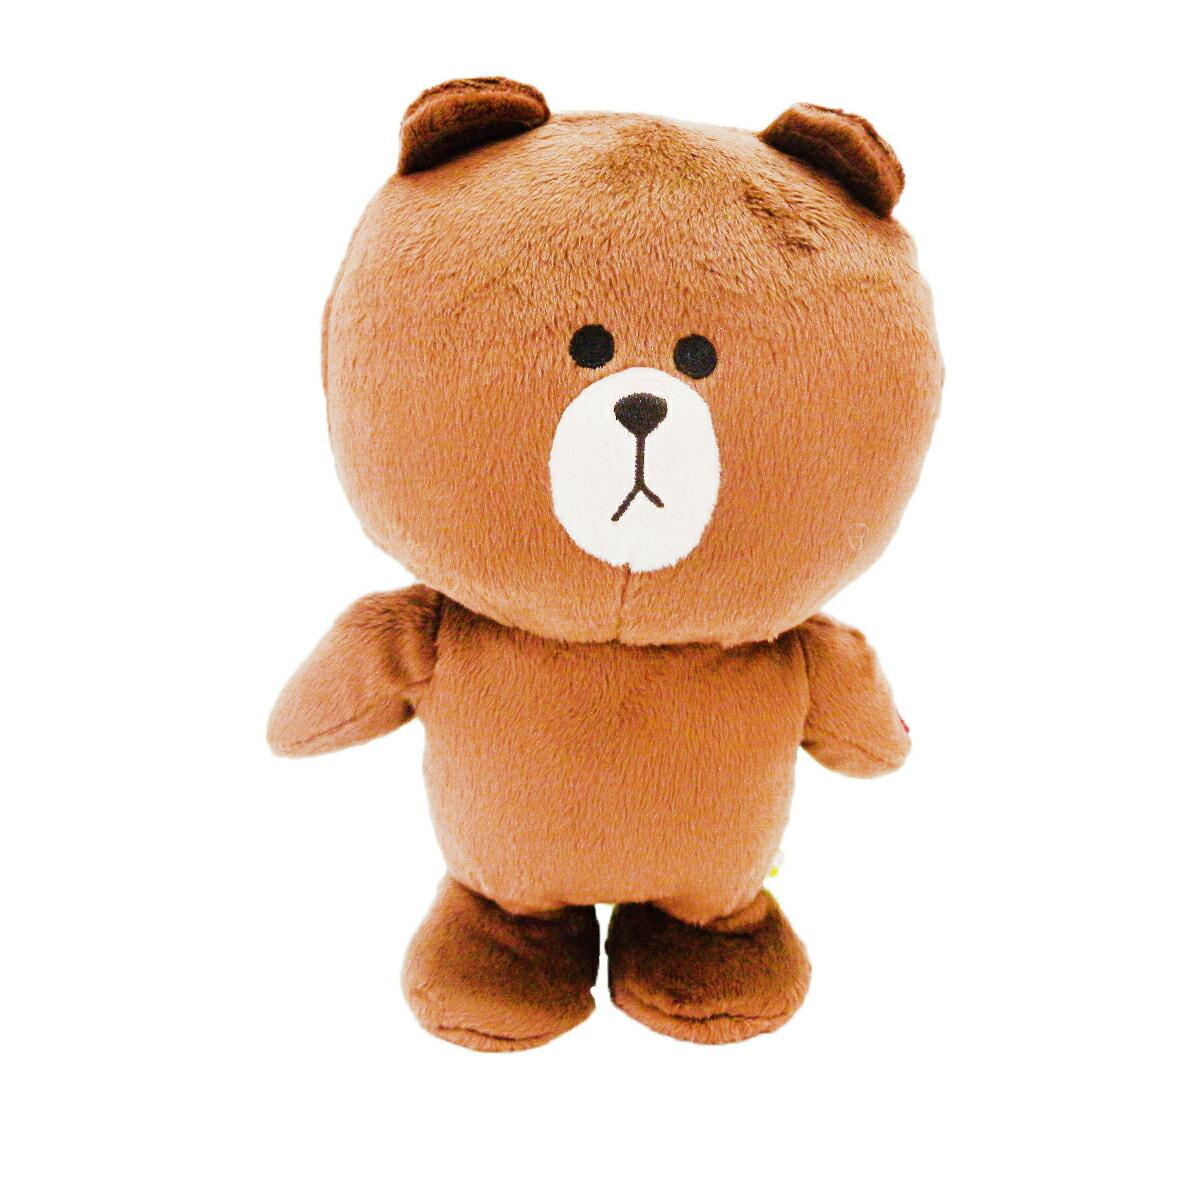 【唯愛日本】14090500033 絨毛走路娃-熊大 LINE公仔 饅頭人兔子熊大 玩偶 娃娃